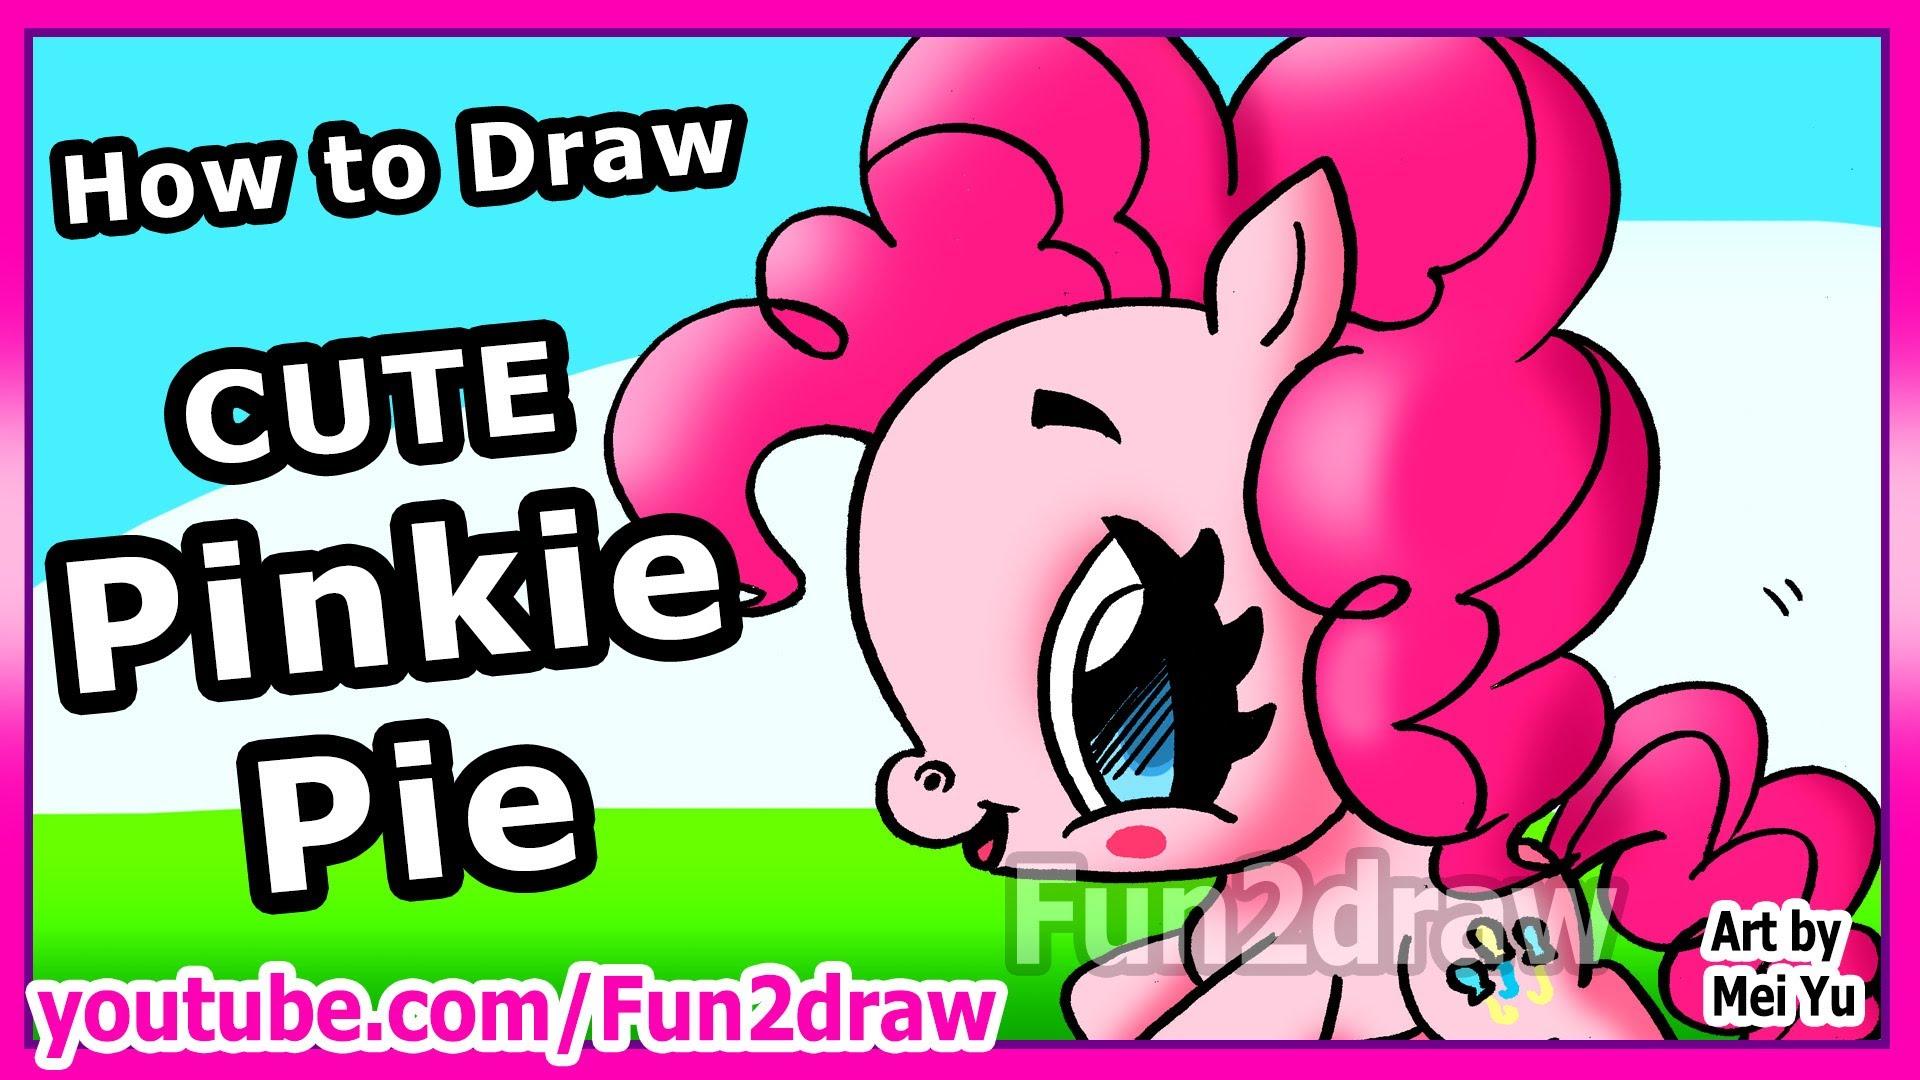 Drawn my little pony fun2draw Movie Pinkie to Pie Movie